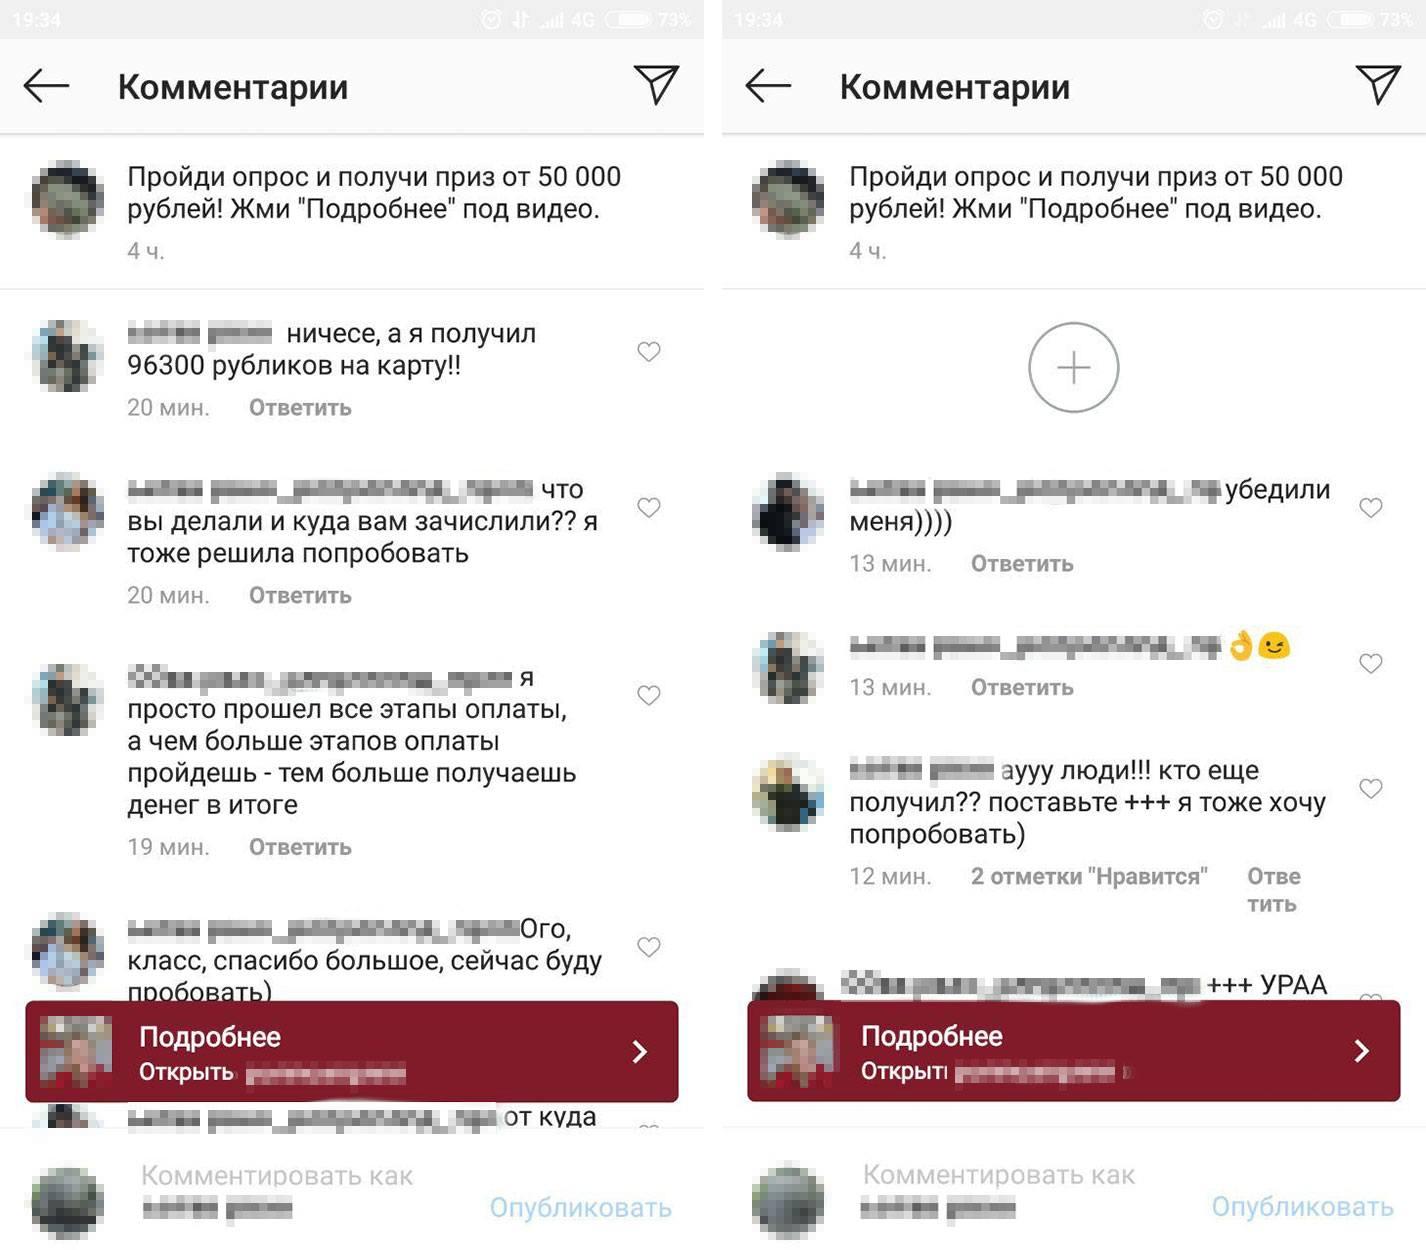 Фальшивые комментарии к рекламному посту в Instagram, продвигающему мошеннические опросы